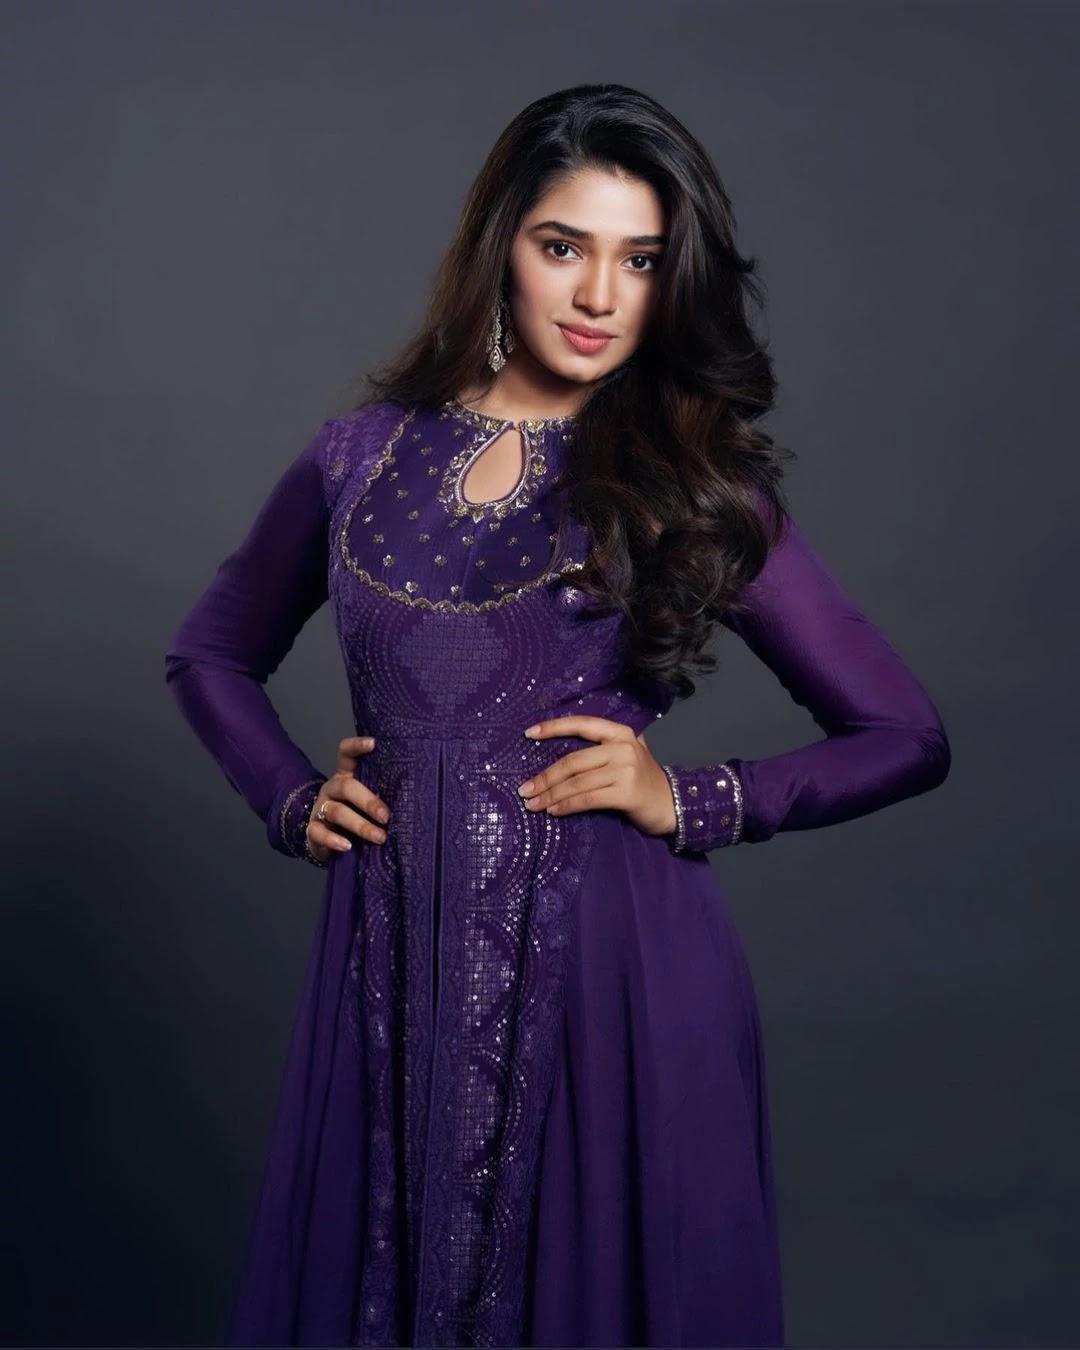 kriti-shetty-in-purple-anarkali-suit